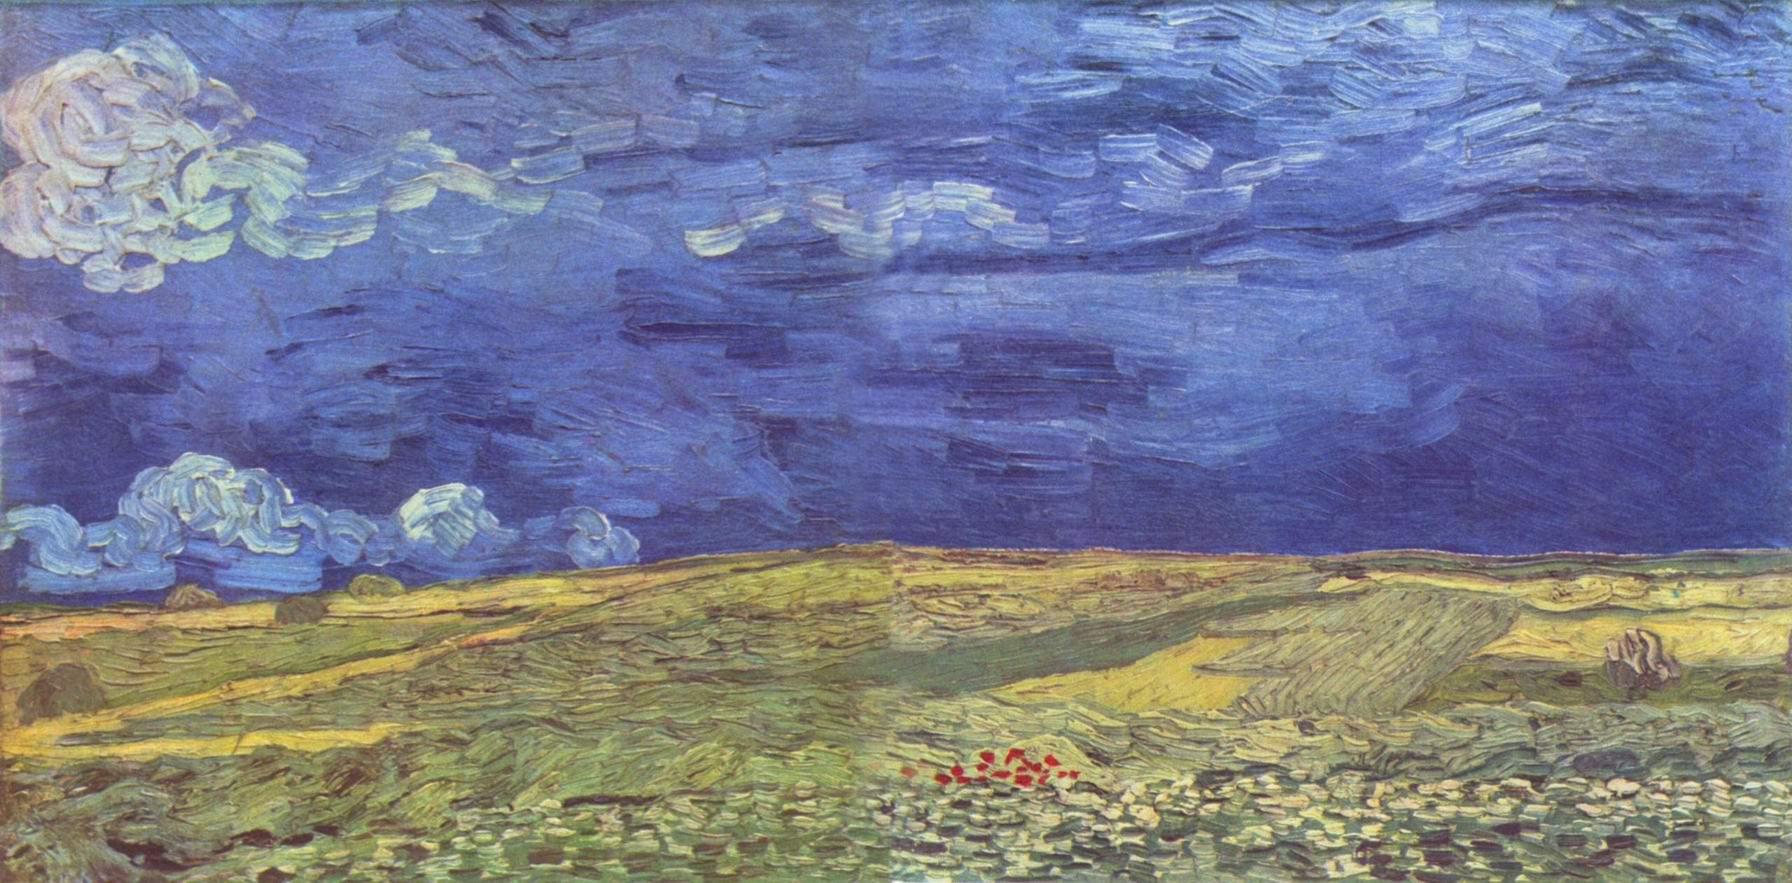 Поле под грозовым небом, Ван Гог Винсент Виллем